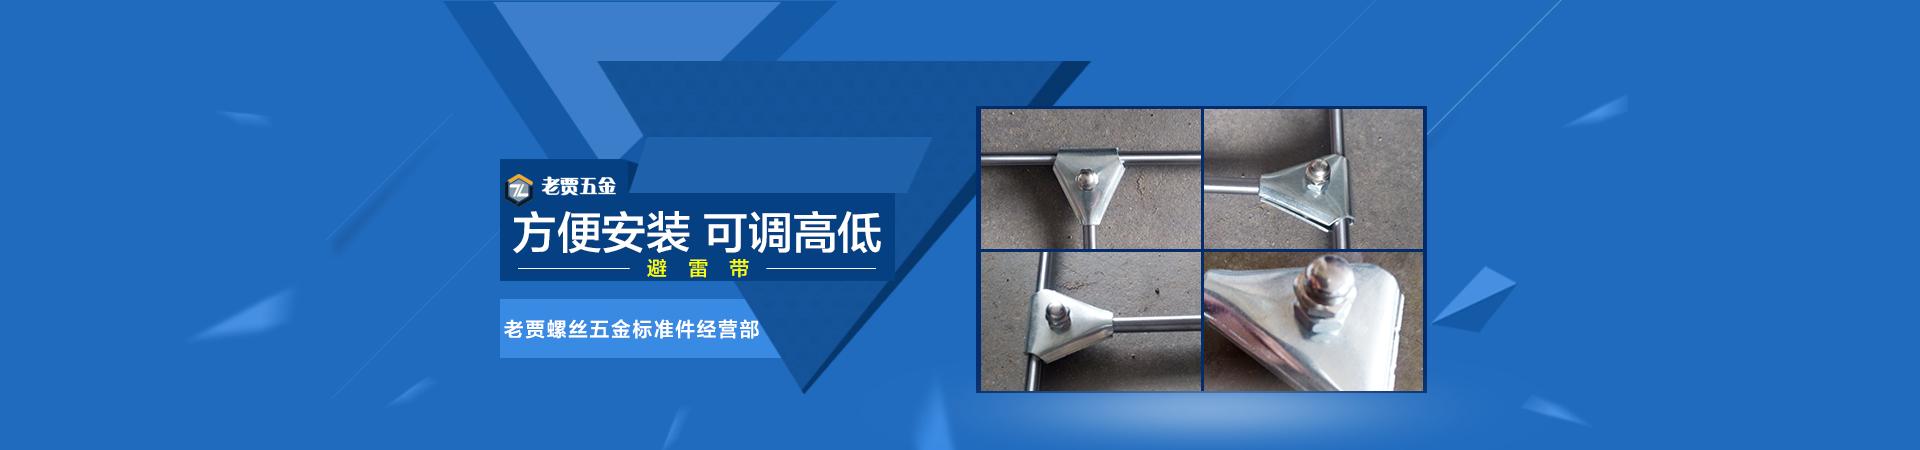 公司主营业务有钢结构工程建设辅材(地脚螺丝,钻尾丝,对拉丝,屋顶用结